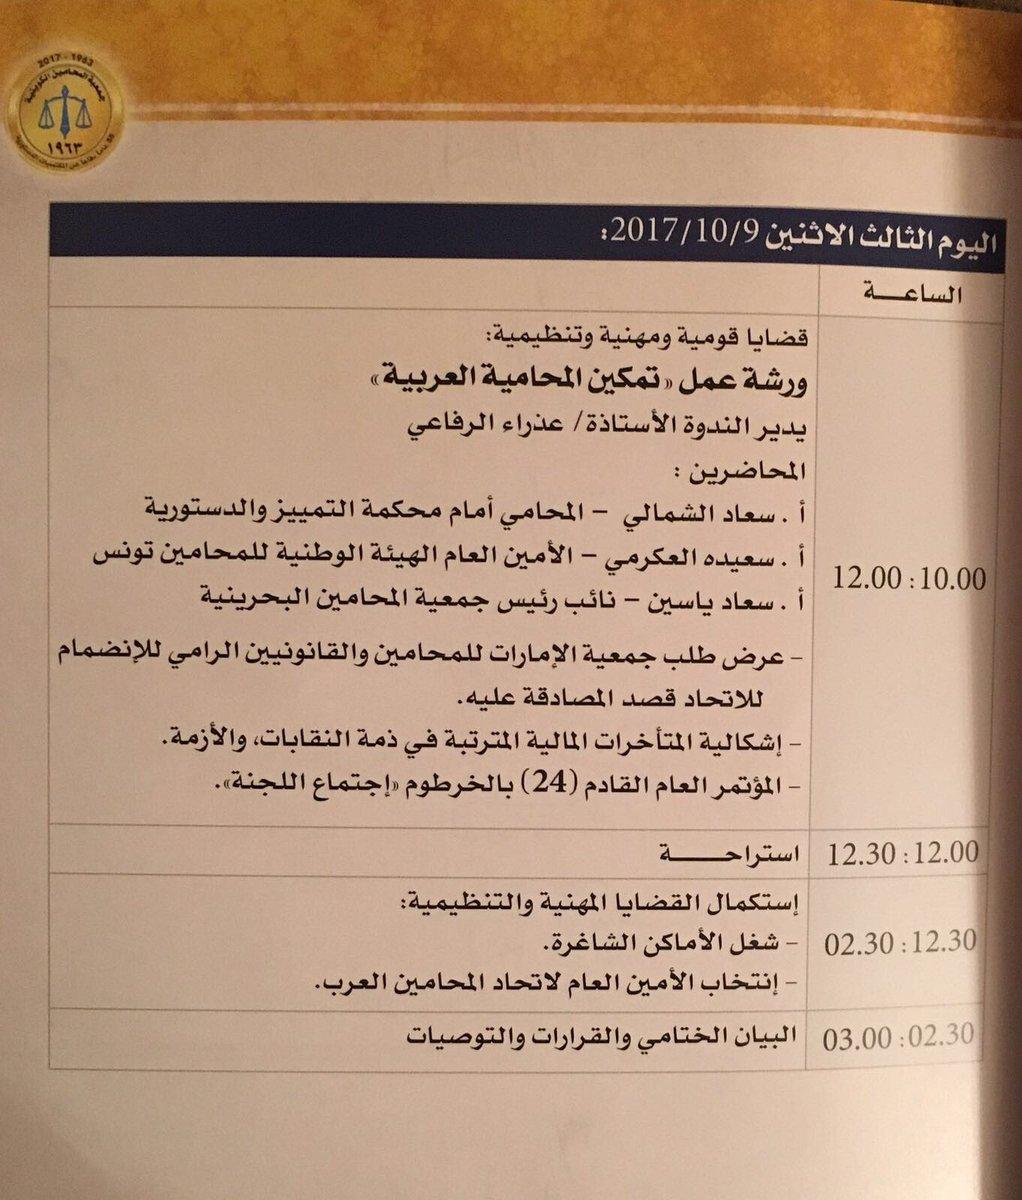 فعاليات اليوم الثالث و الأخير من مؤتمر إتحاد المحامين العربpic.twitter.com/75NardCplo